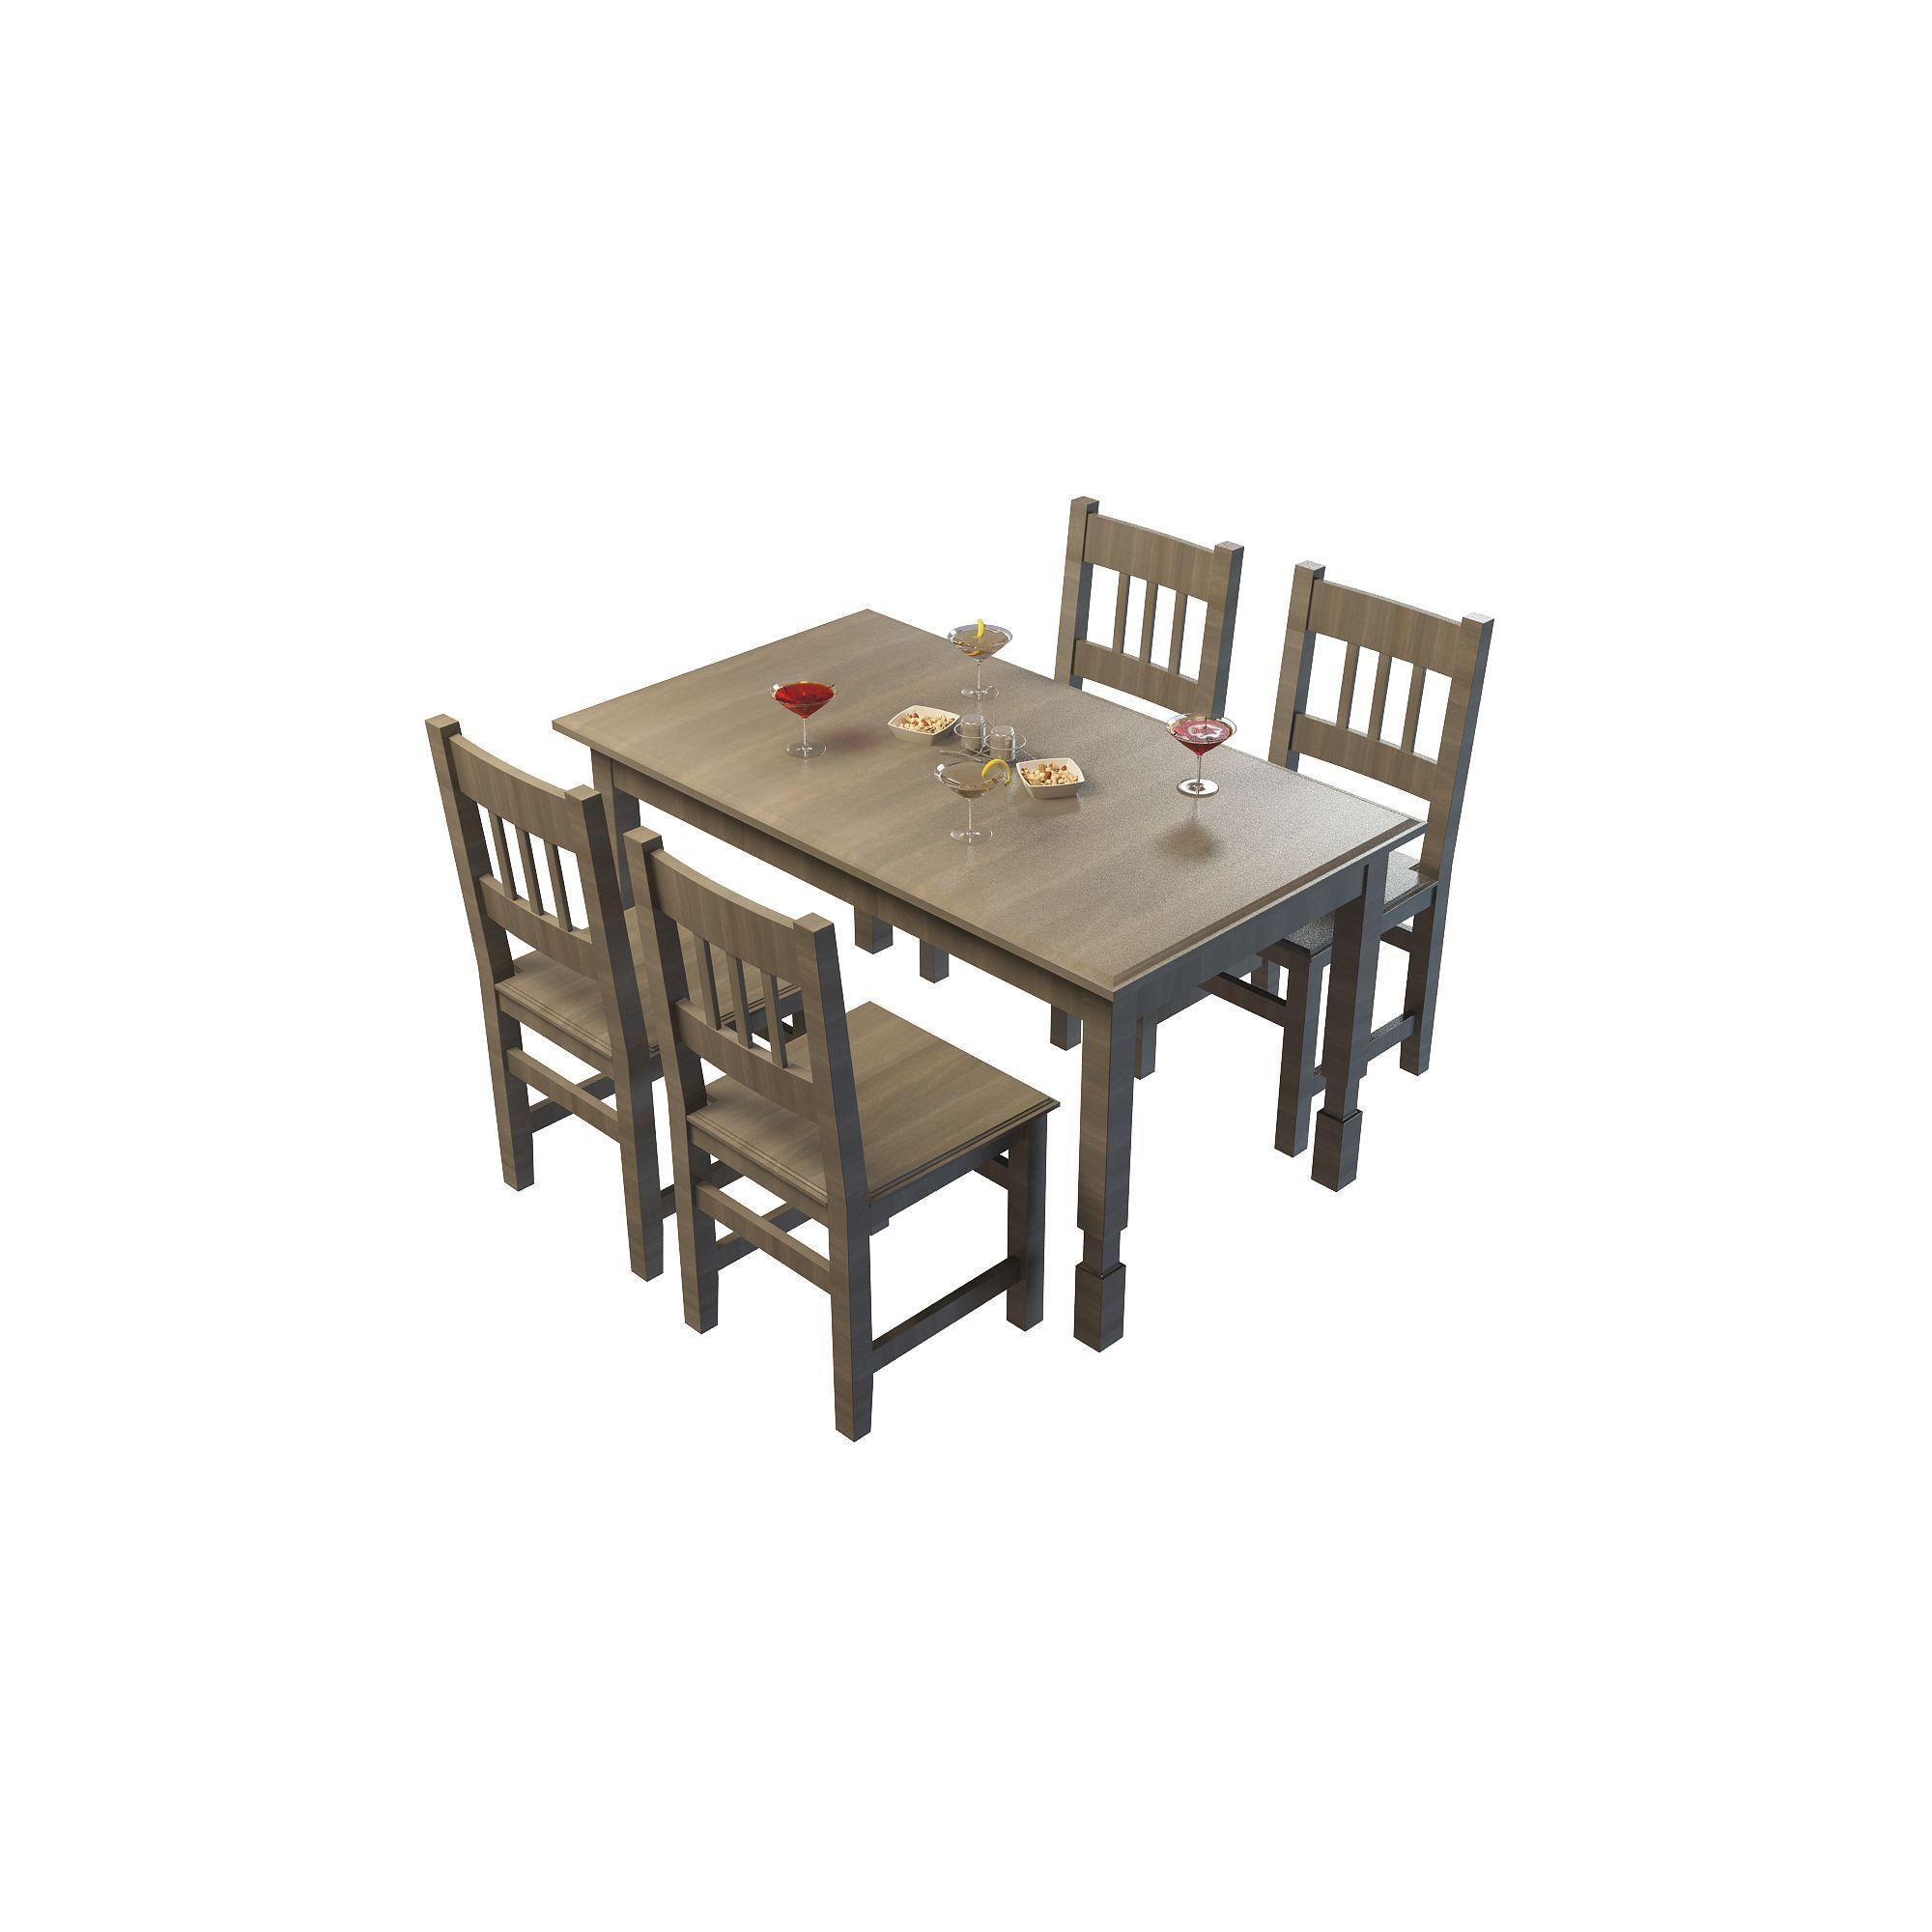 家用餐桌椅组合图片_ 家用餐桌椅 组合png图片素材